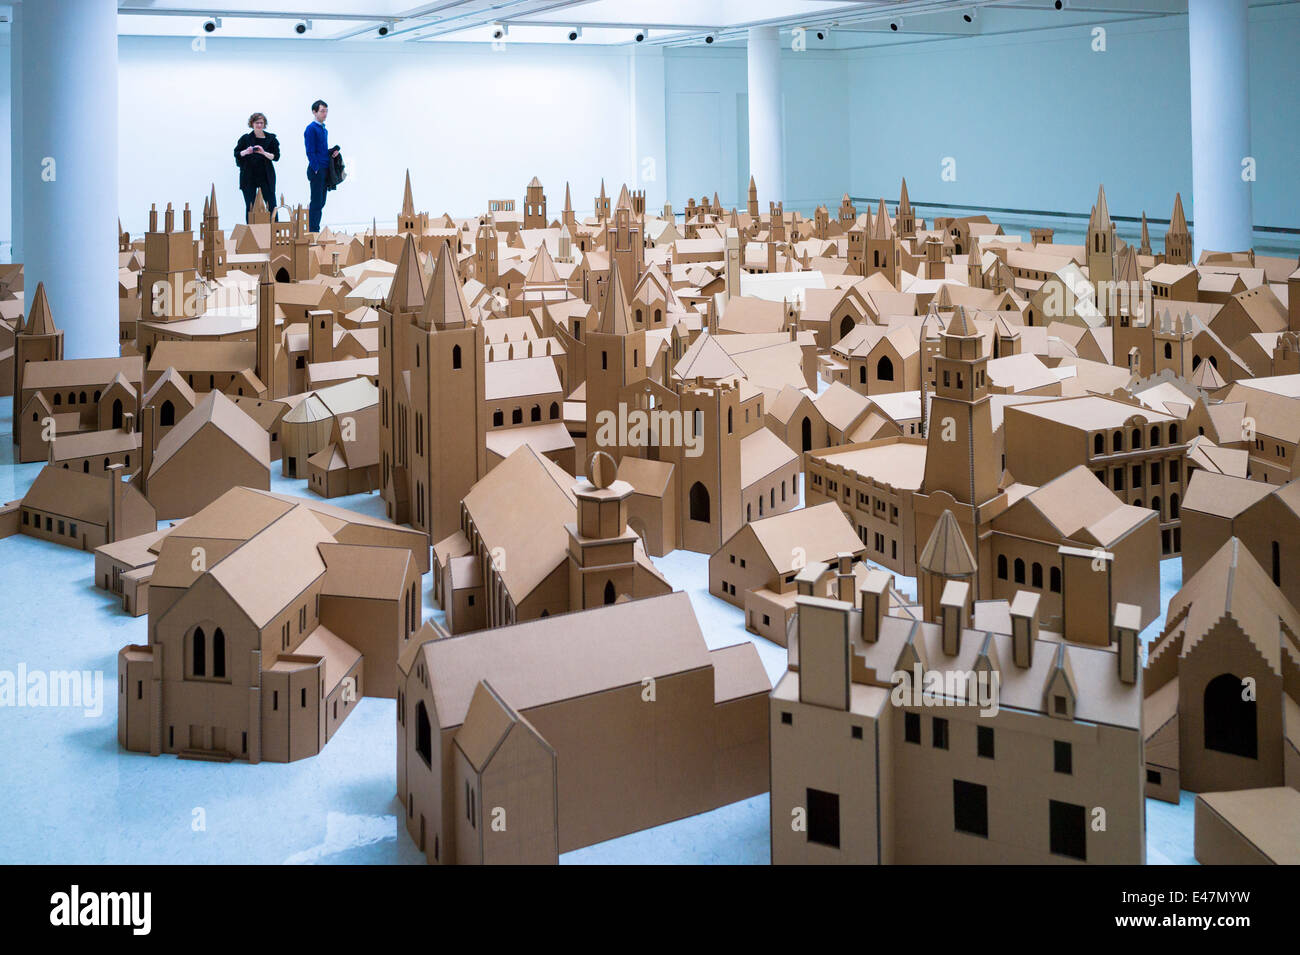 I turisti visualizza 'generazione - 286 luoghi di culto in Edinburgh' da Nathan Coley, nella Galleria di Immagini Stock